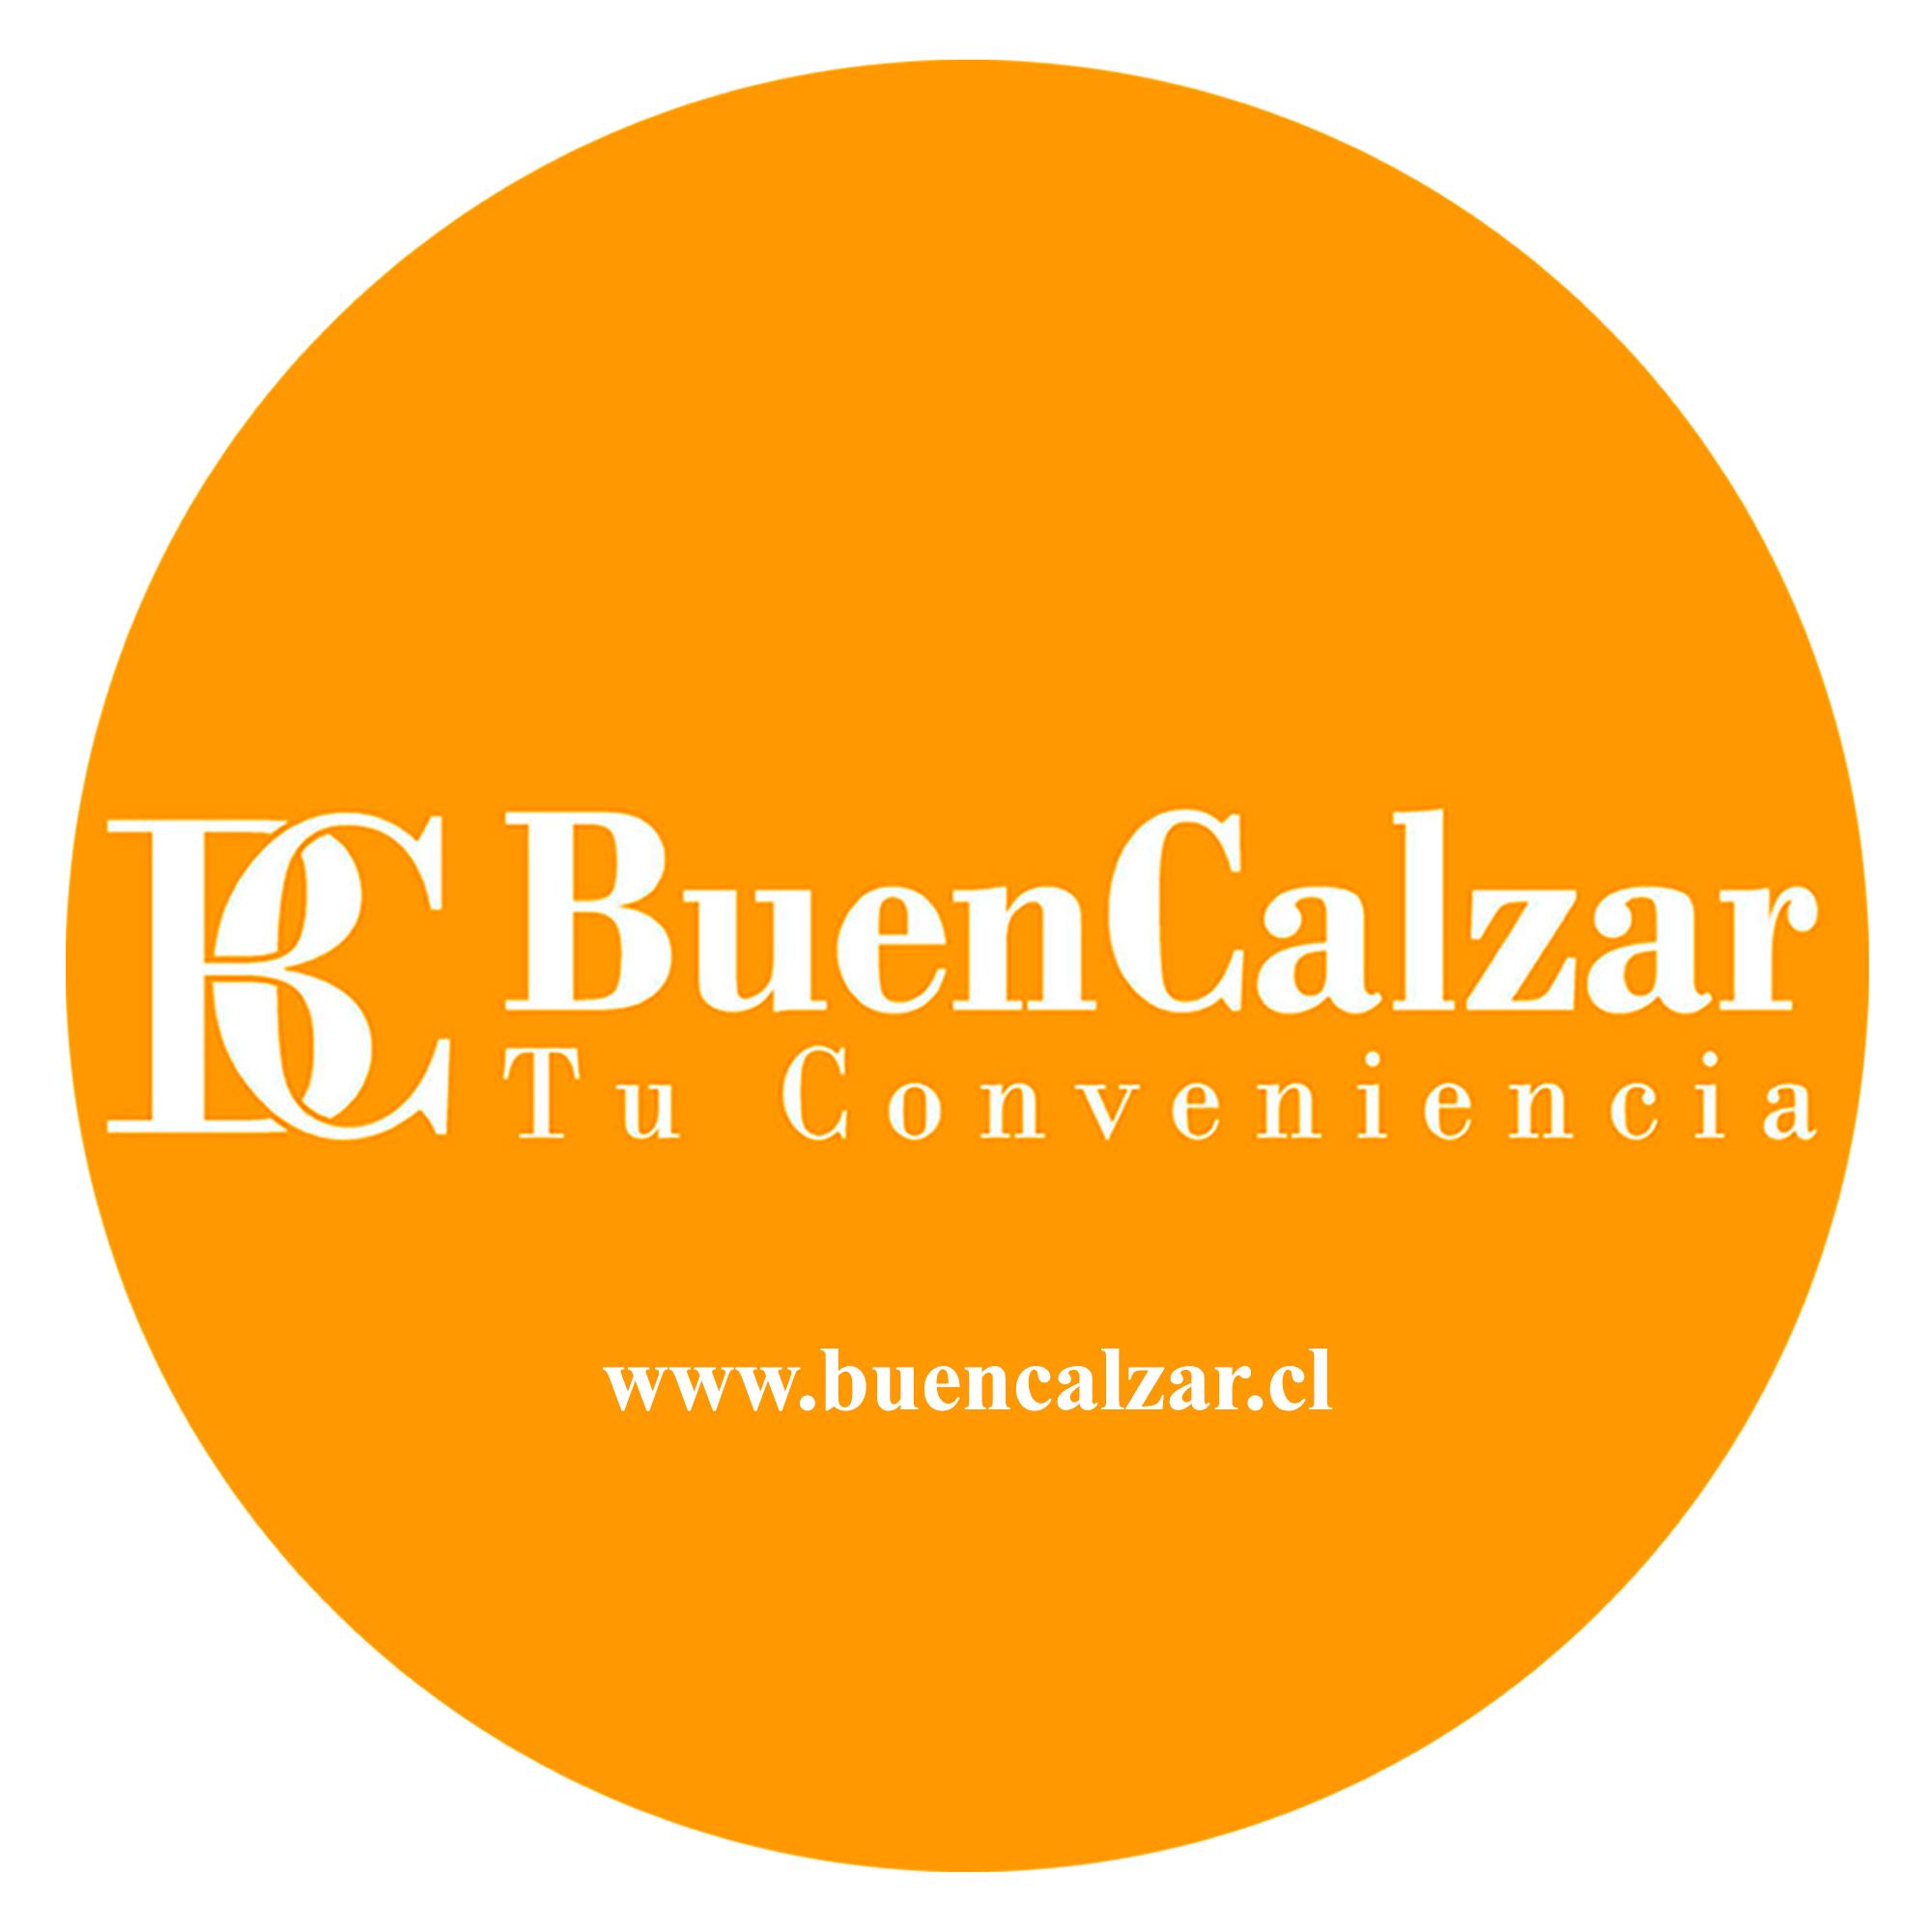 Empresas Desafio10x: BuenCalzar.cl